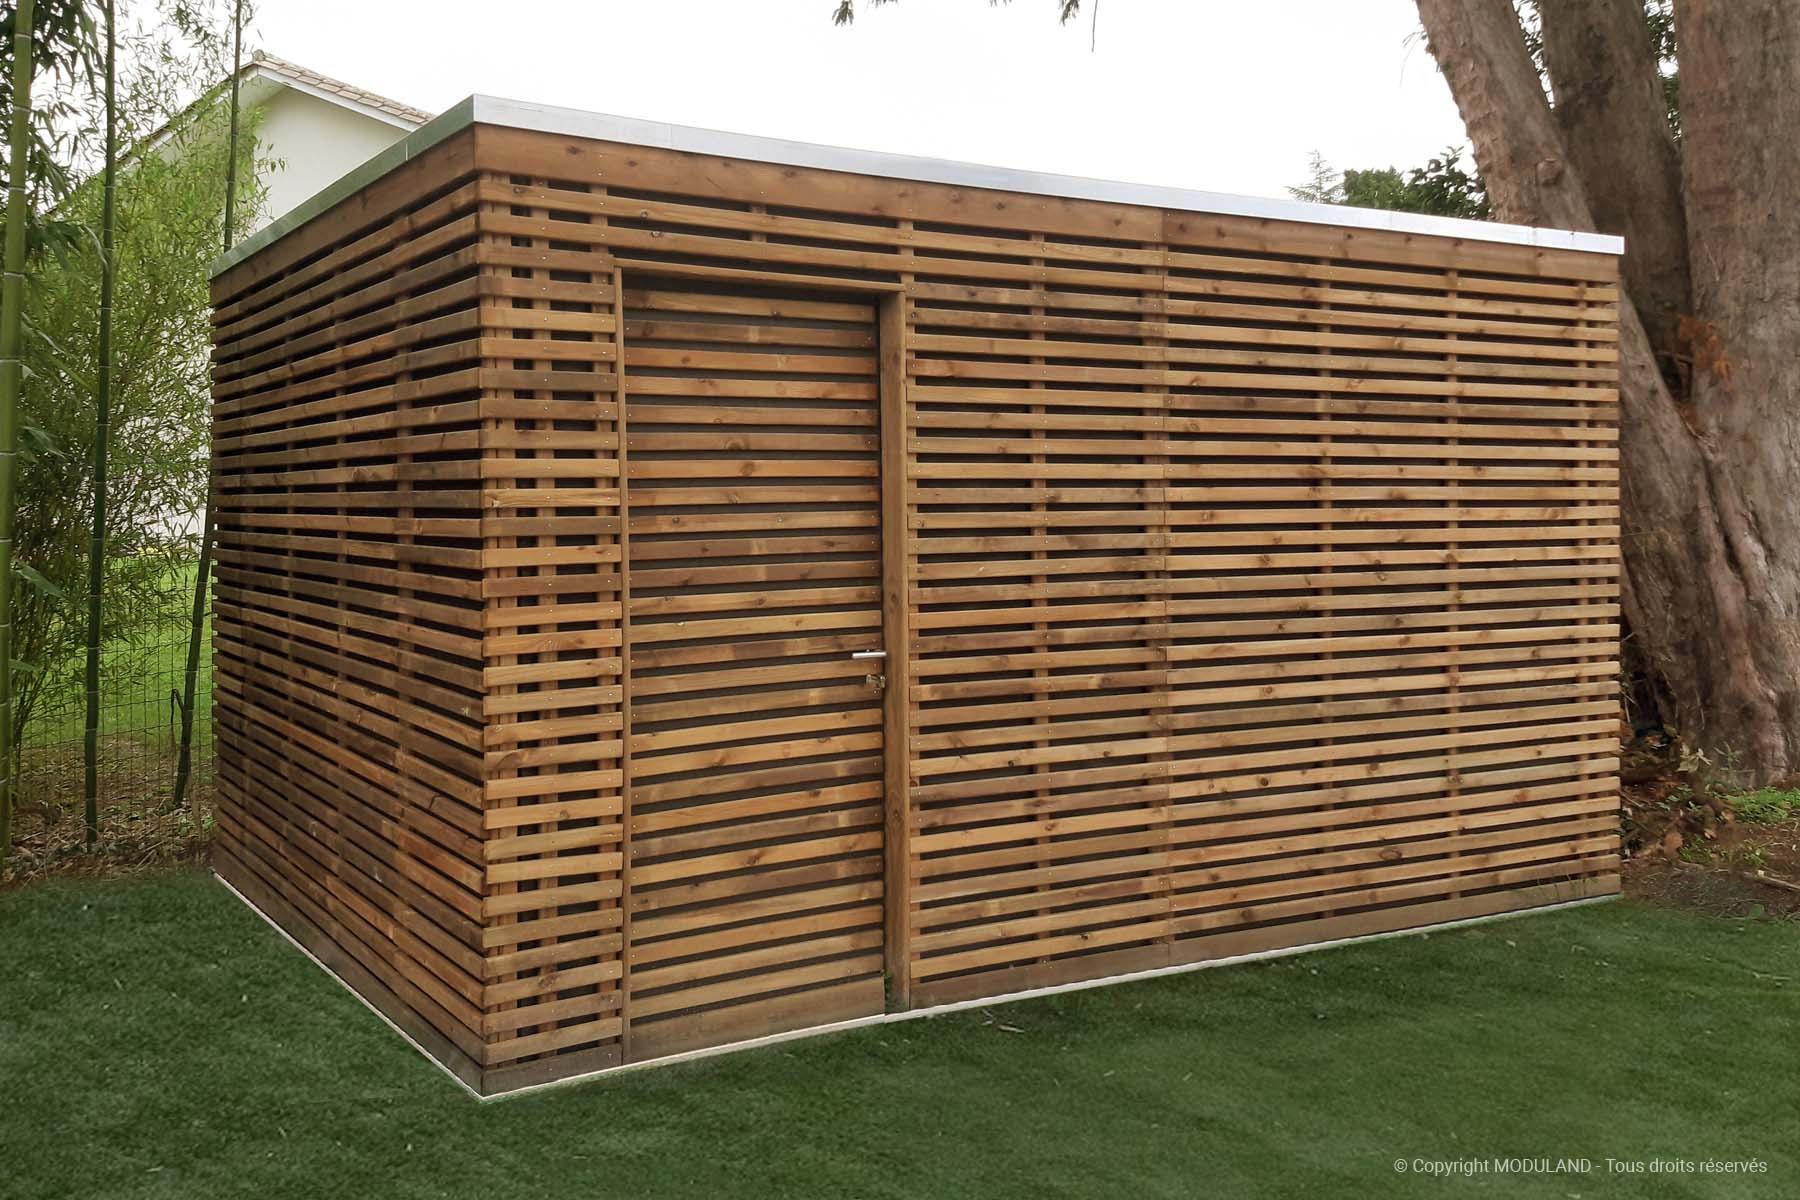 Fabricant D'abris Et Structures Bois Sur Mesure | Moduland concernant Abri De Jardin Sur Mesure